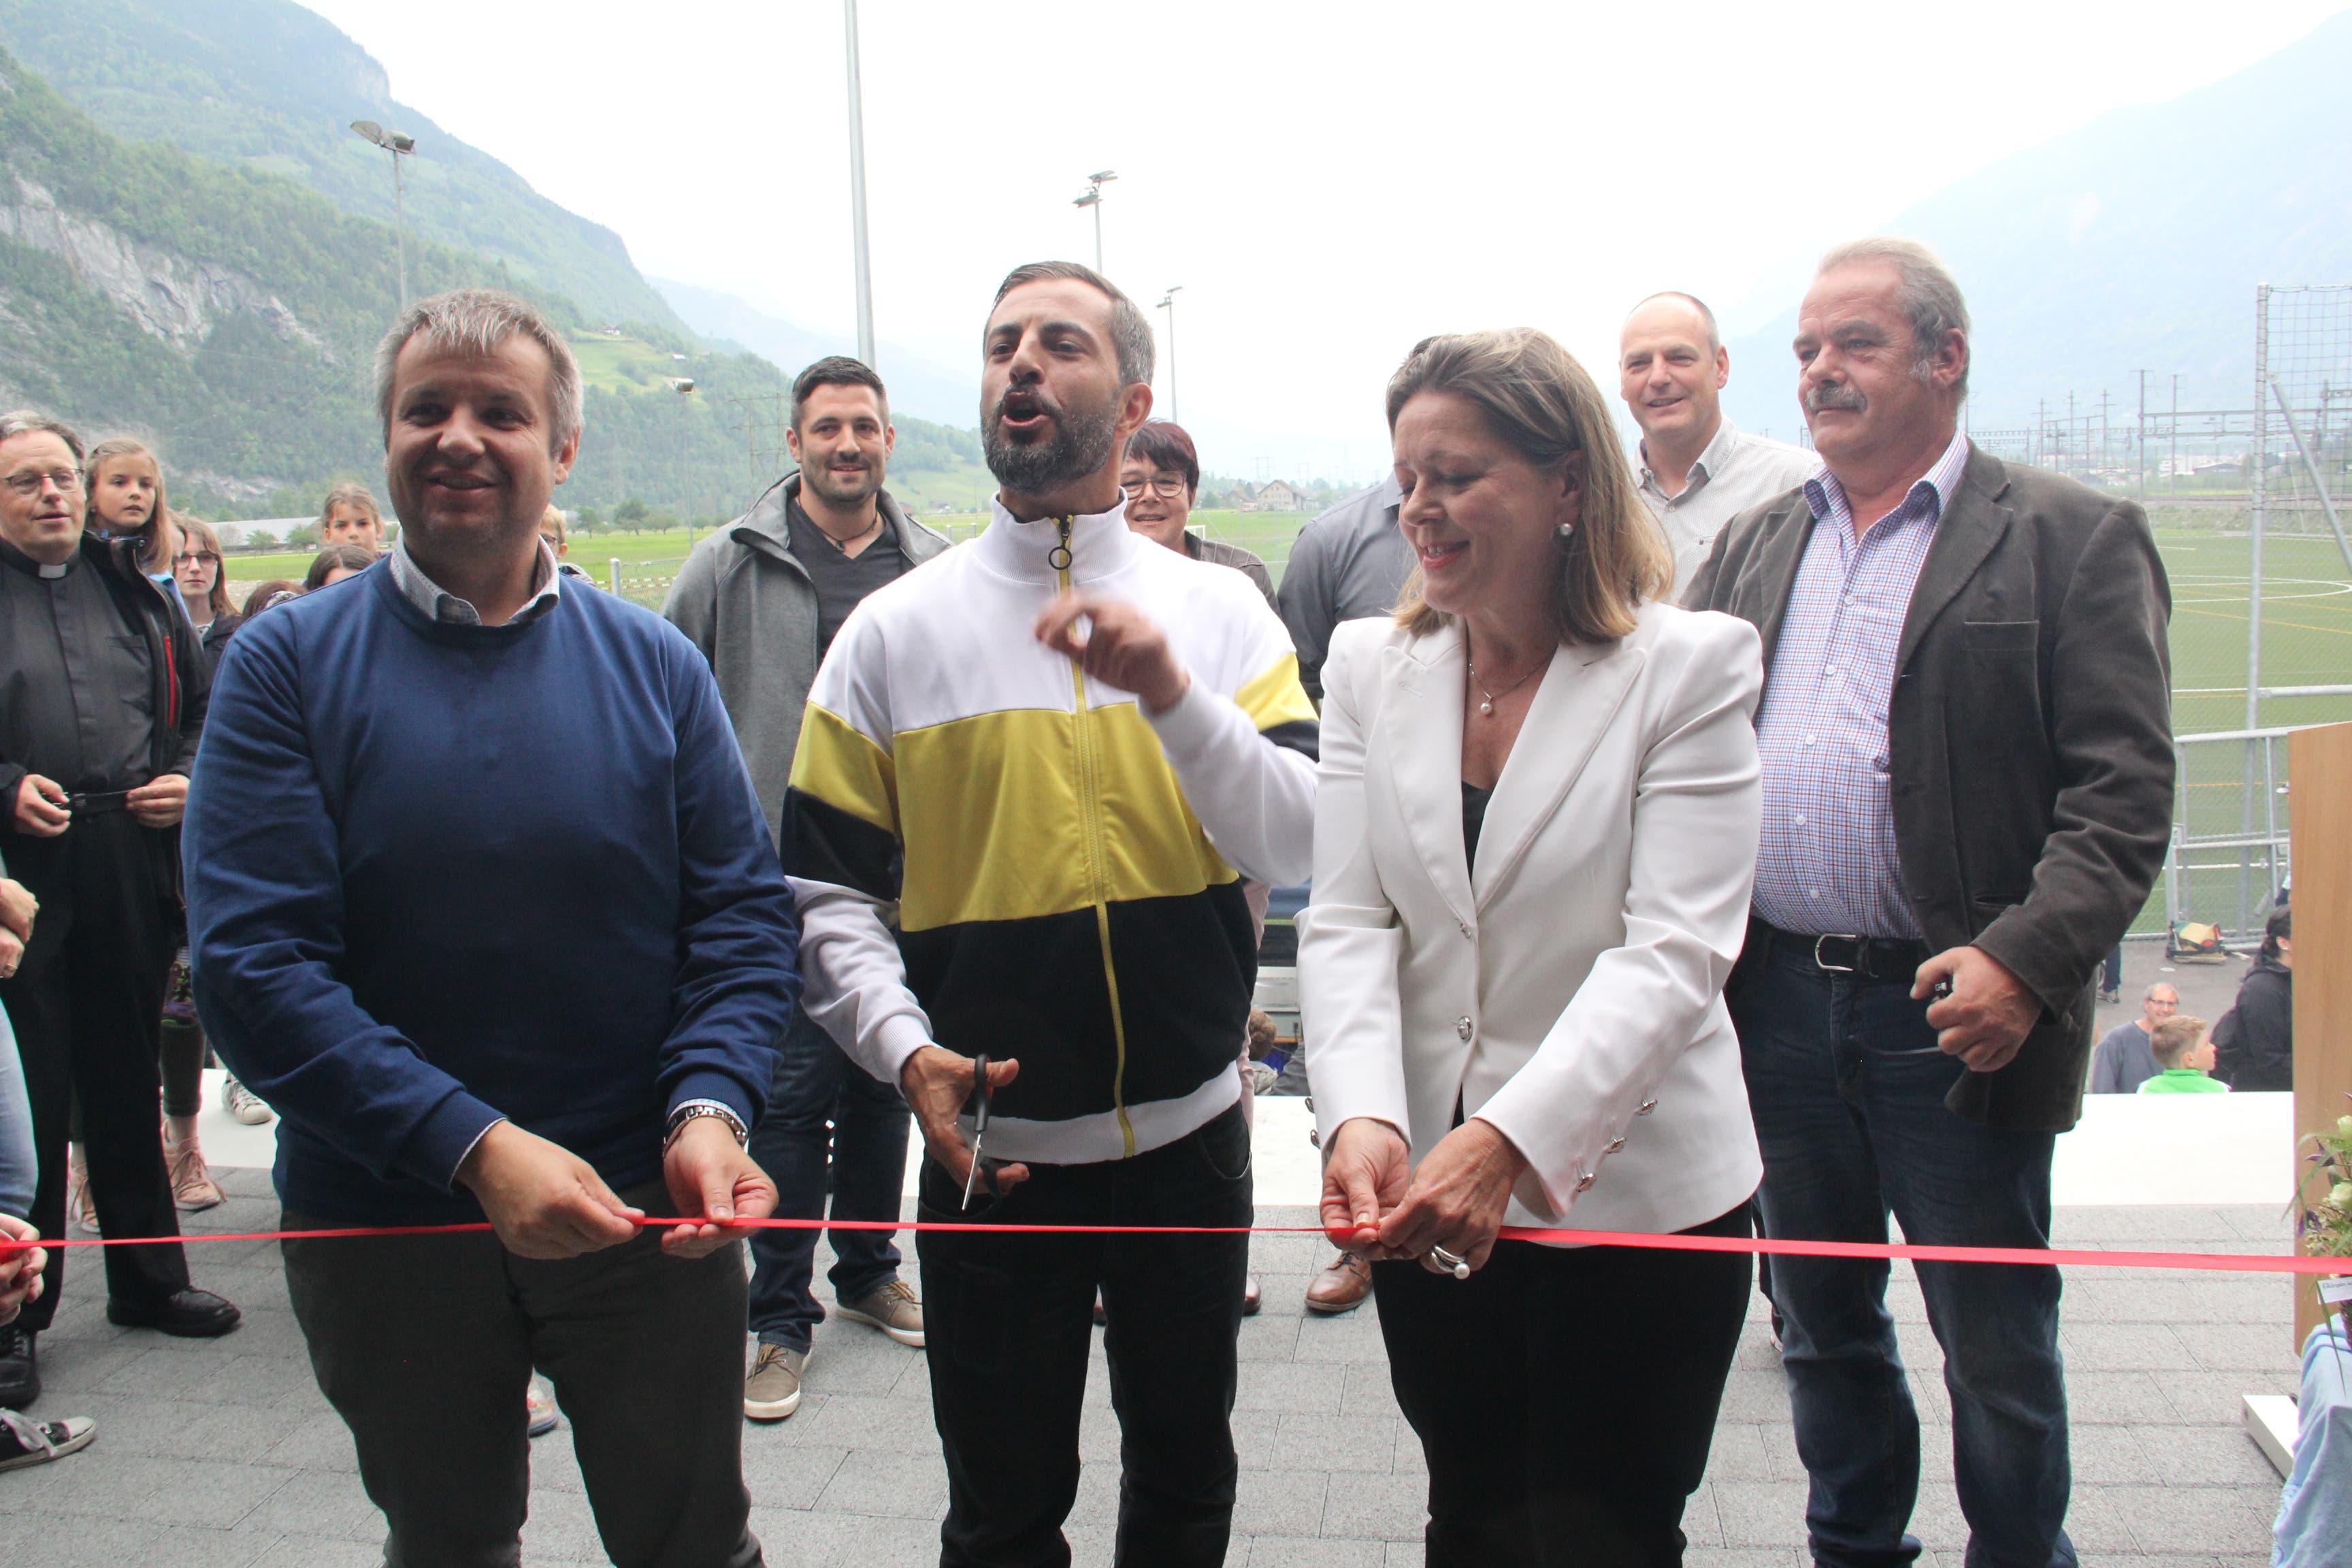 Sie haben das Band durchschnitten (von links): Dimitri Moretti, Bligg und Heidi Z'graggen. (Bild: Paul Gwerder, 25. Mai 2019)